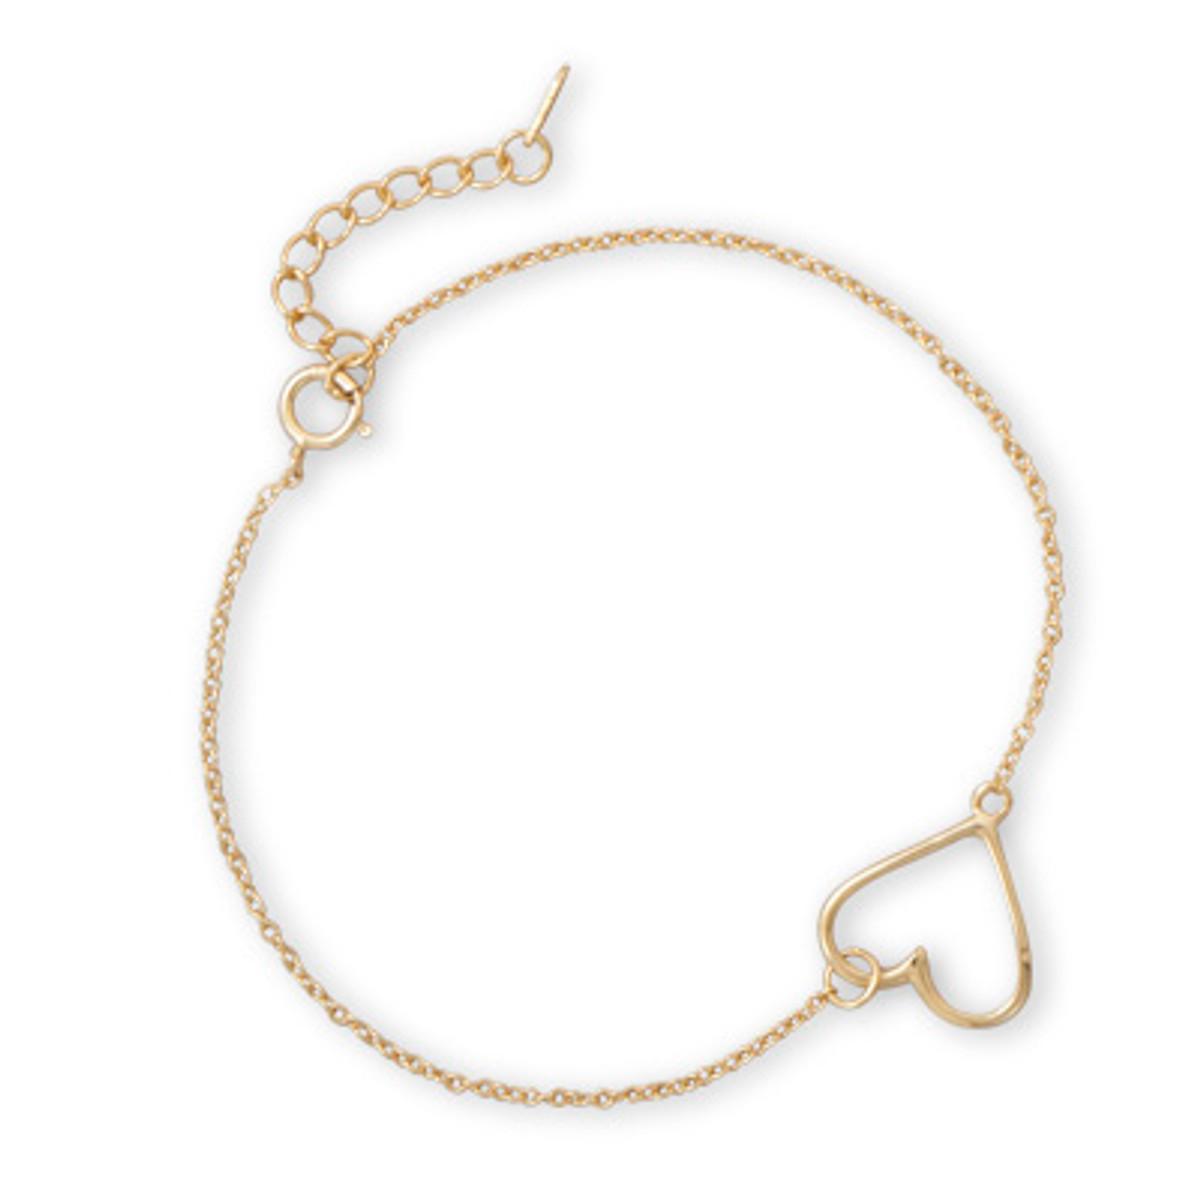 14 Karat Gold Plated Sideways Heart Bracelet